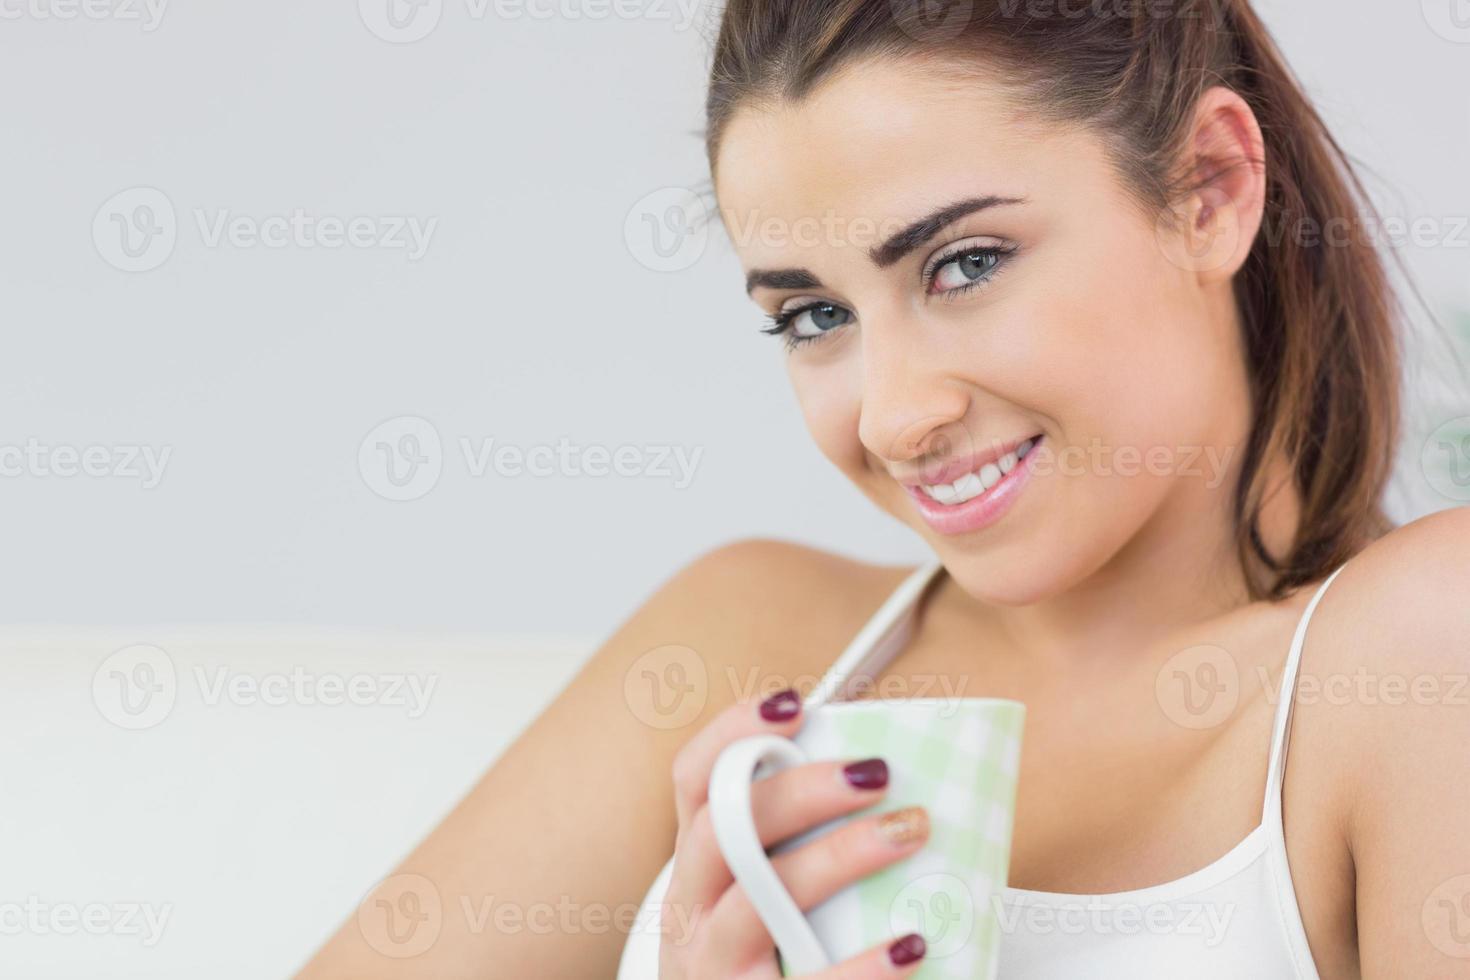 giovane donna allegra che tiene una tazza foto